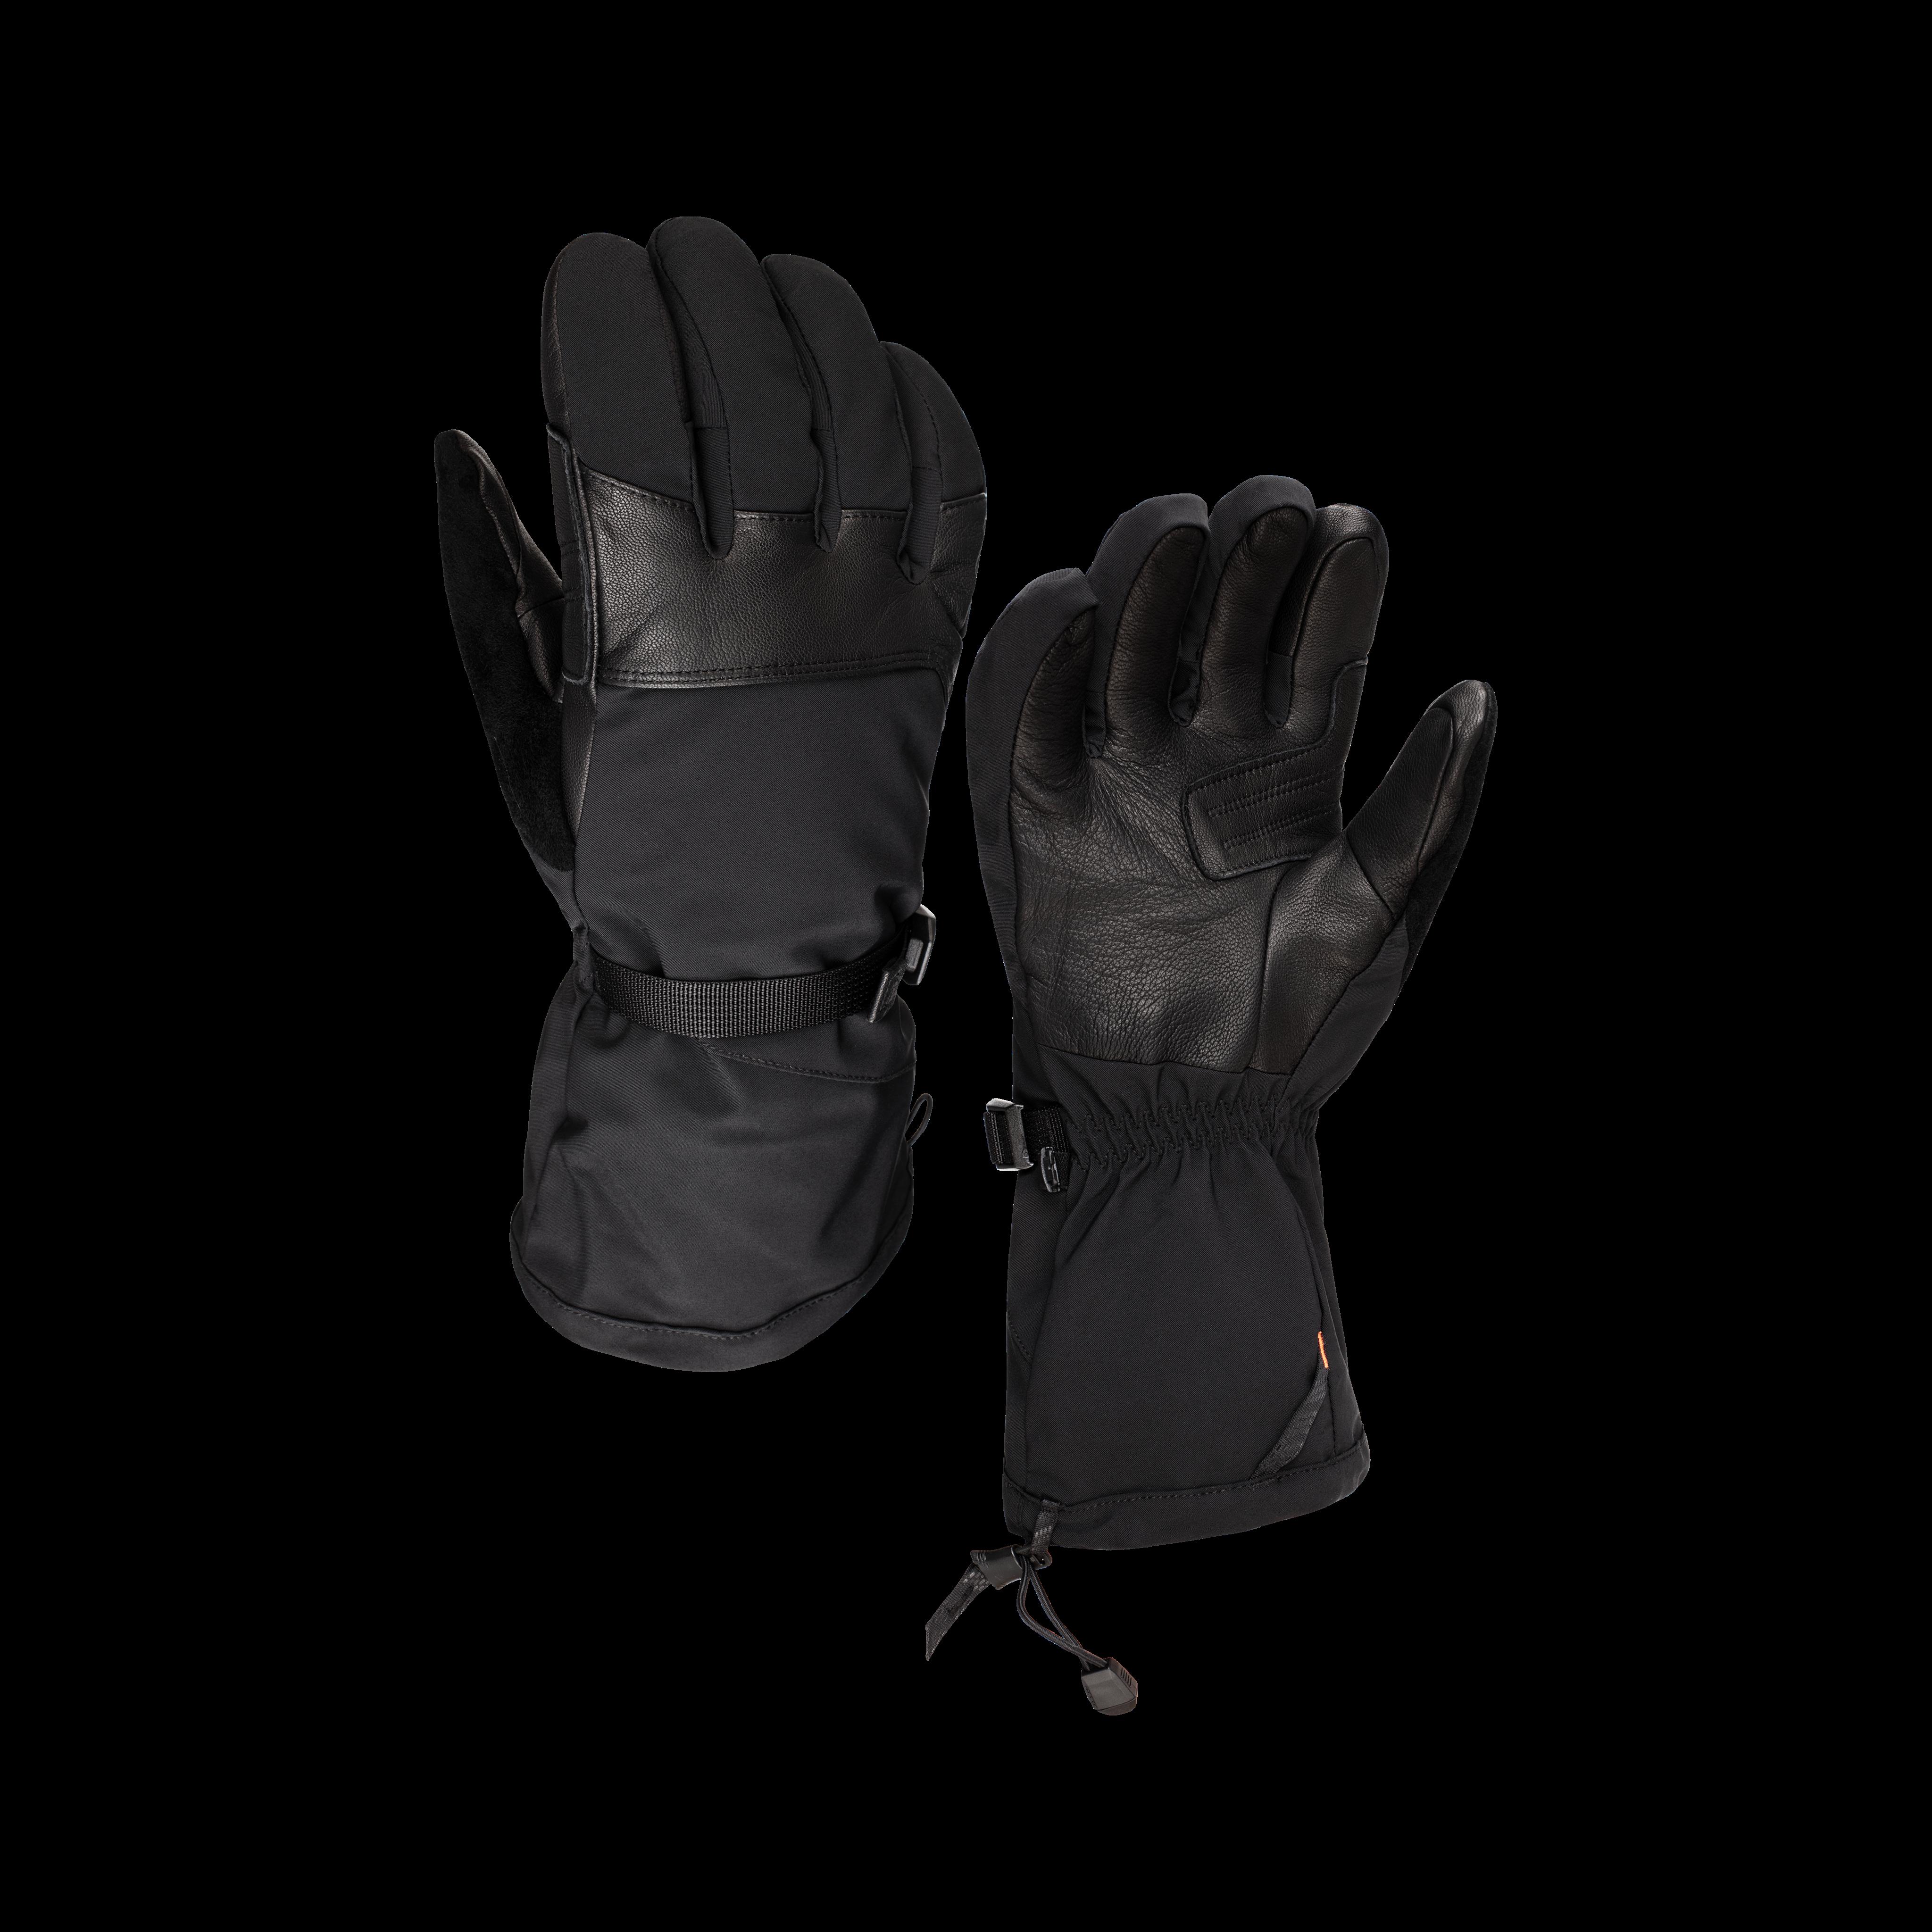 Masao 3 in 1 Glove - 9, black thumbnail